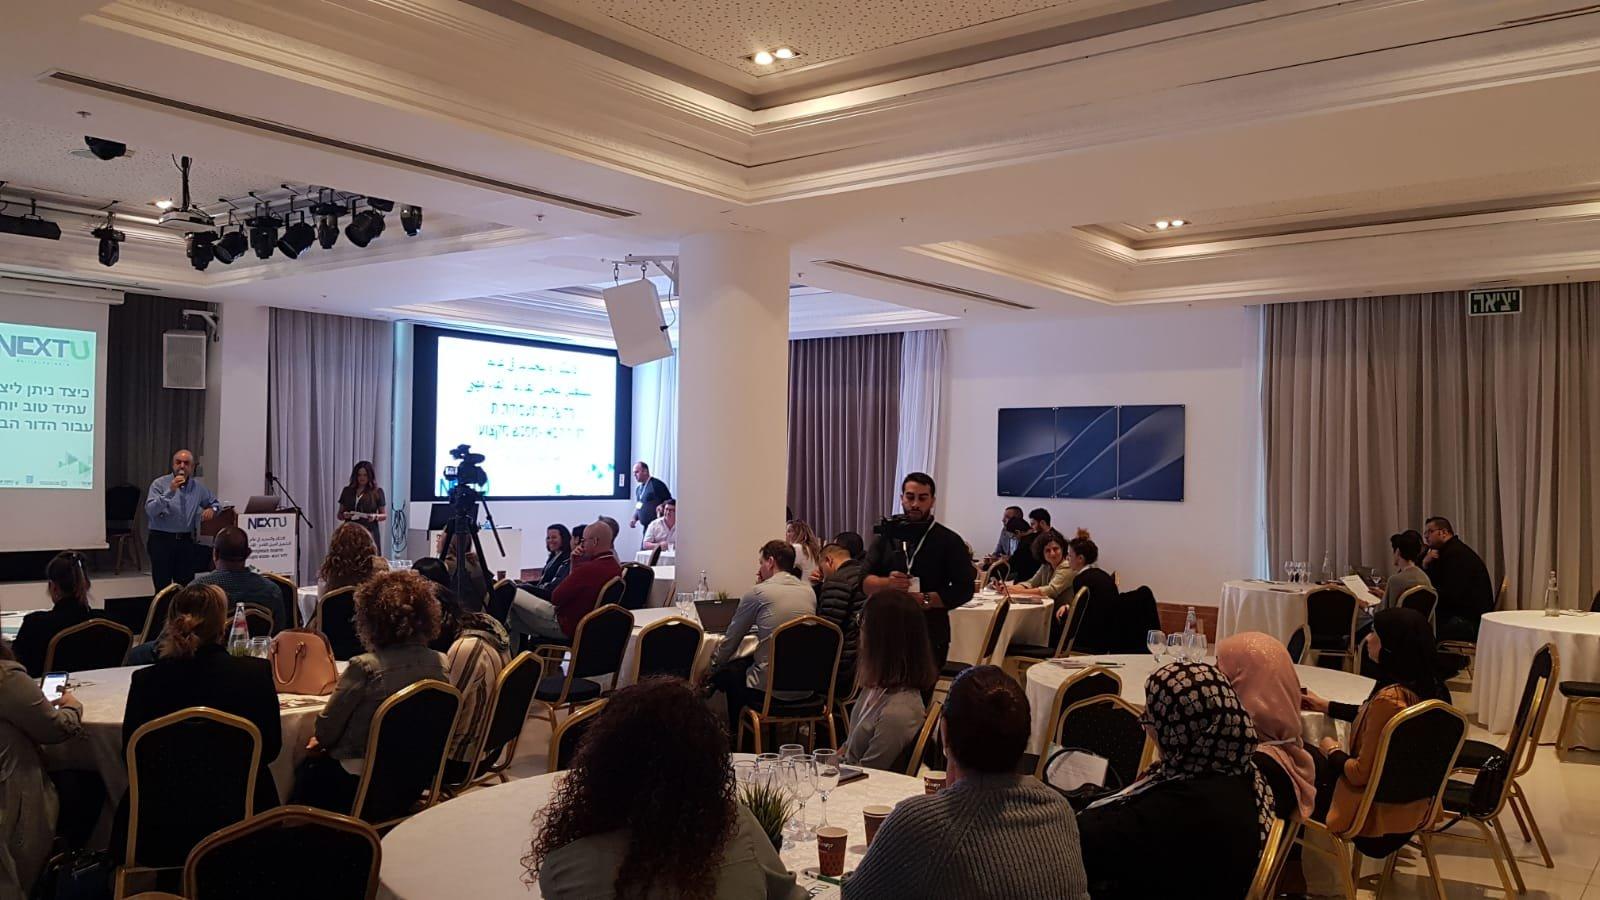 بحث امكانيّات اعداد أبناء الشبيبة العرب لسوق العمل المستقبلي في اللقاء المهني NEXT U